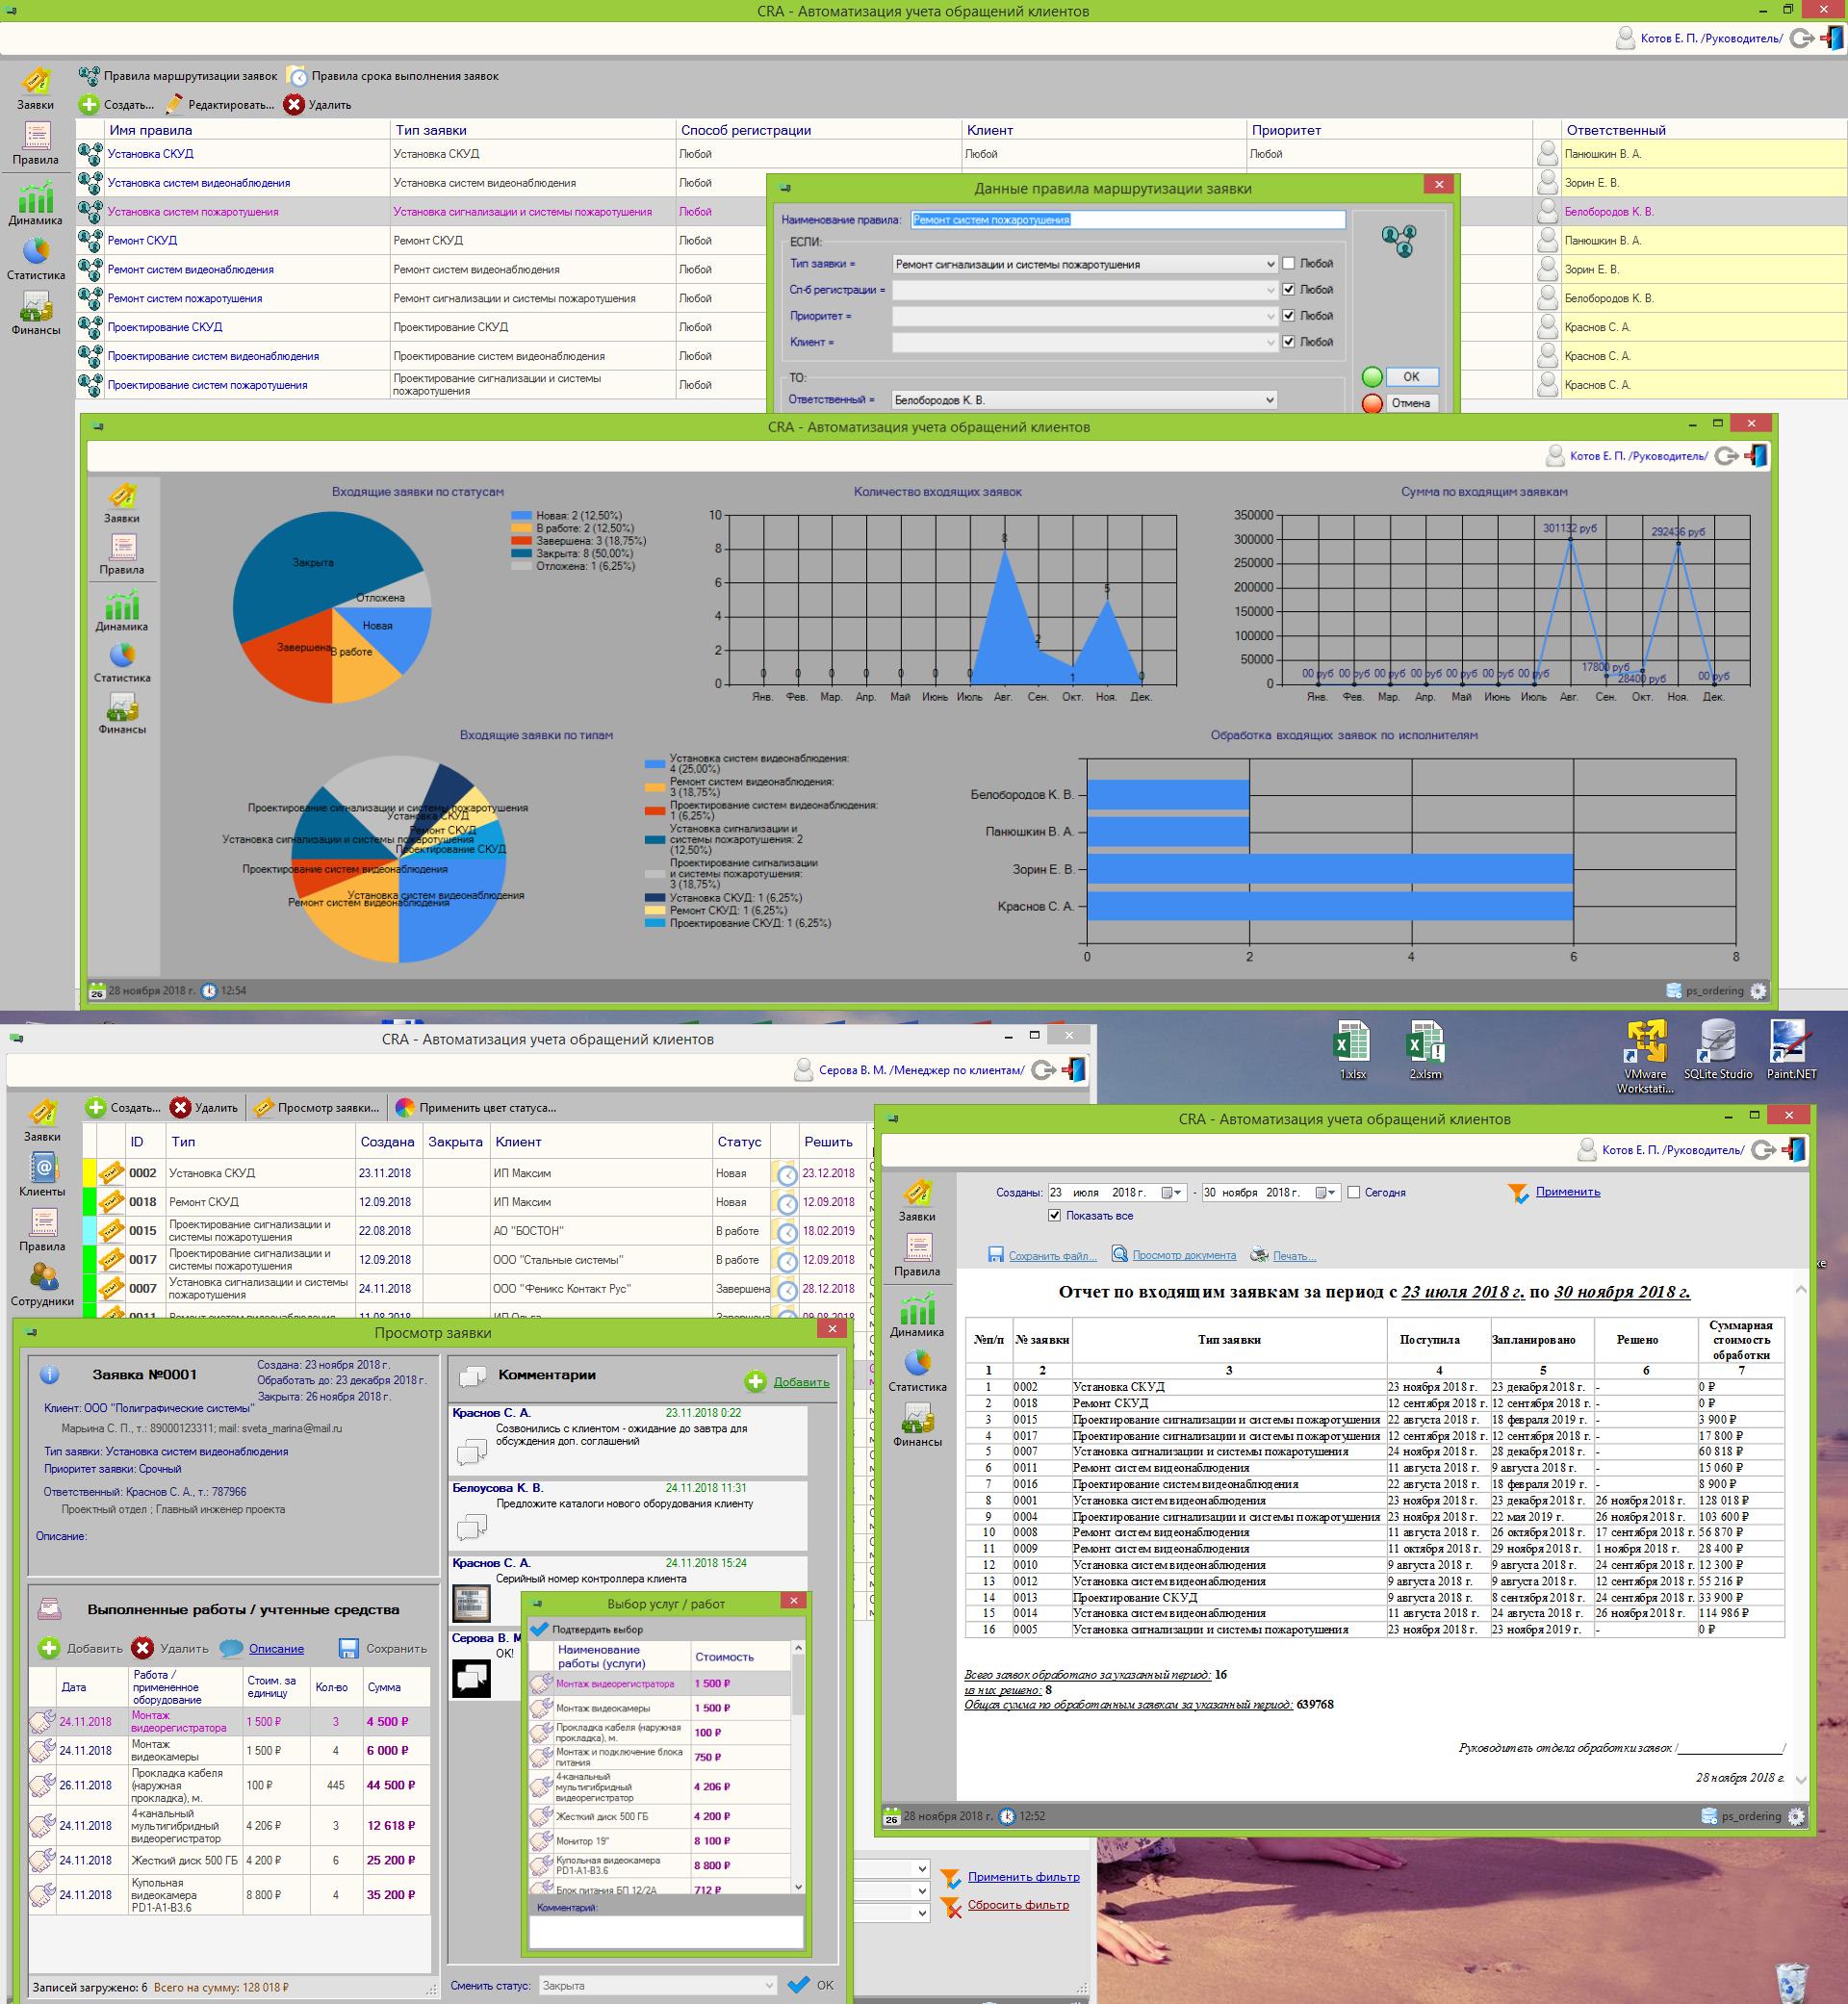 Информационная система автоматизации обработки входящих заявок